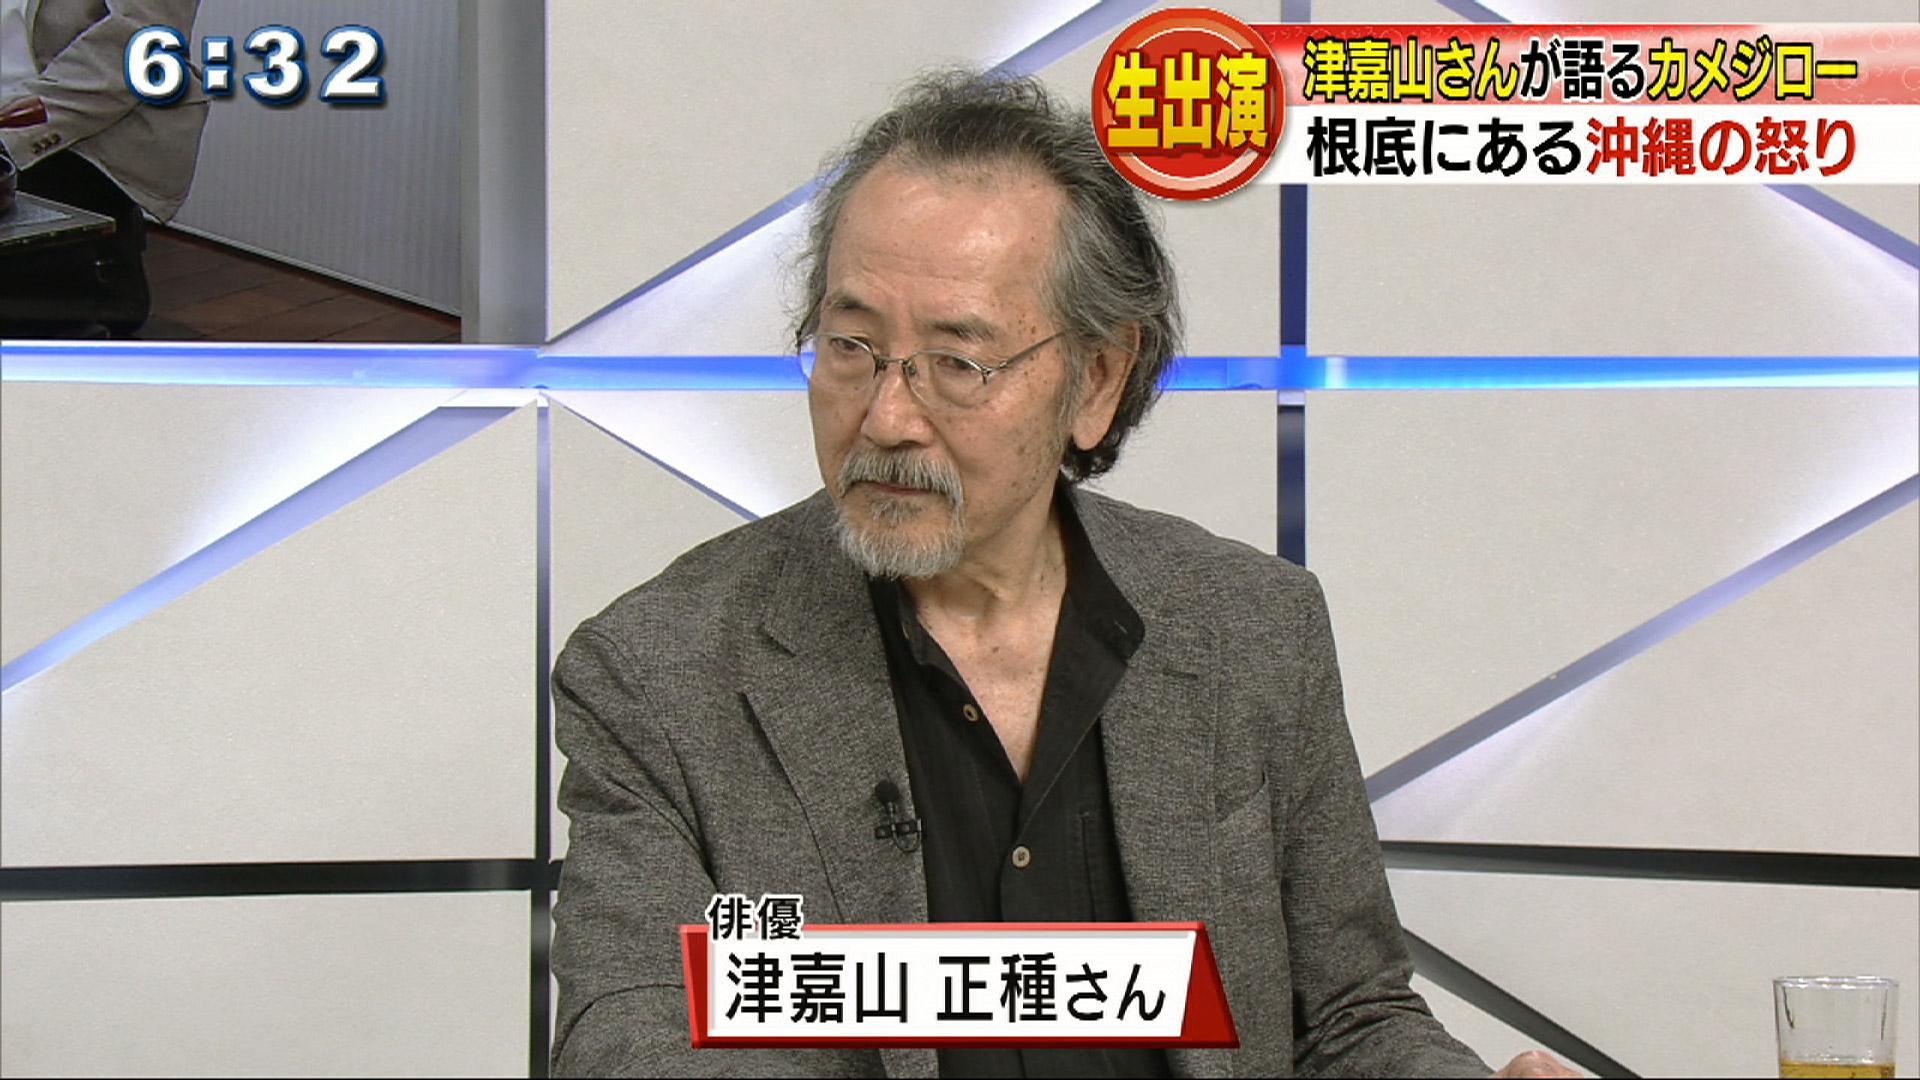 生出演 俳優・津嘉山正種さん カメジローを語る